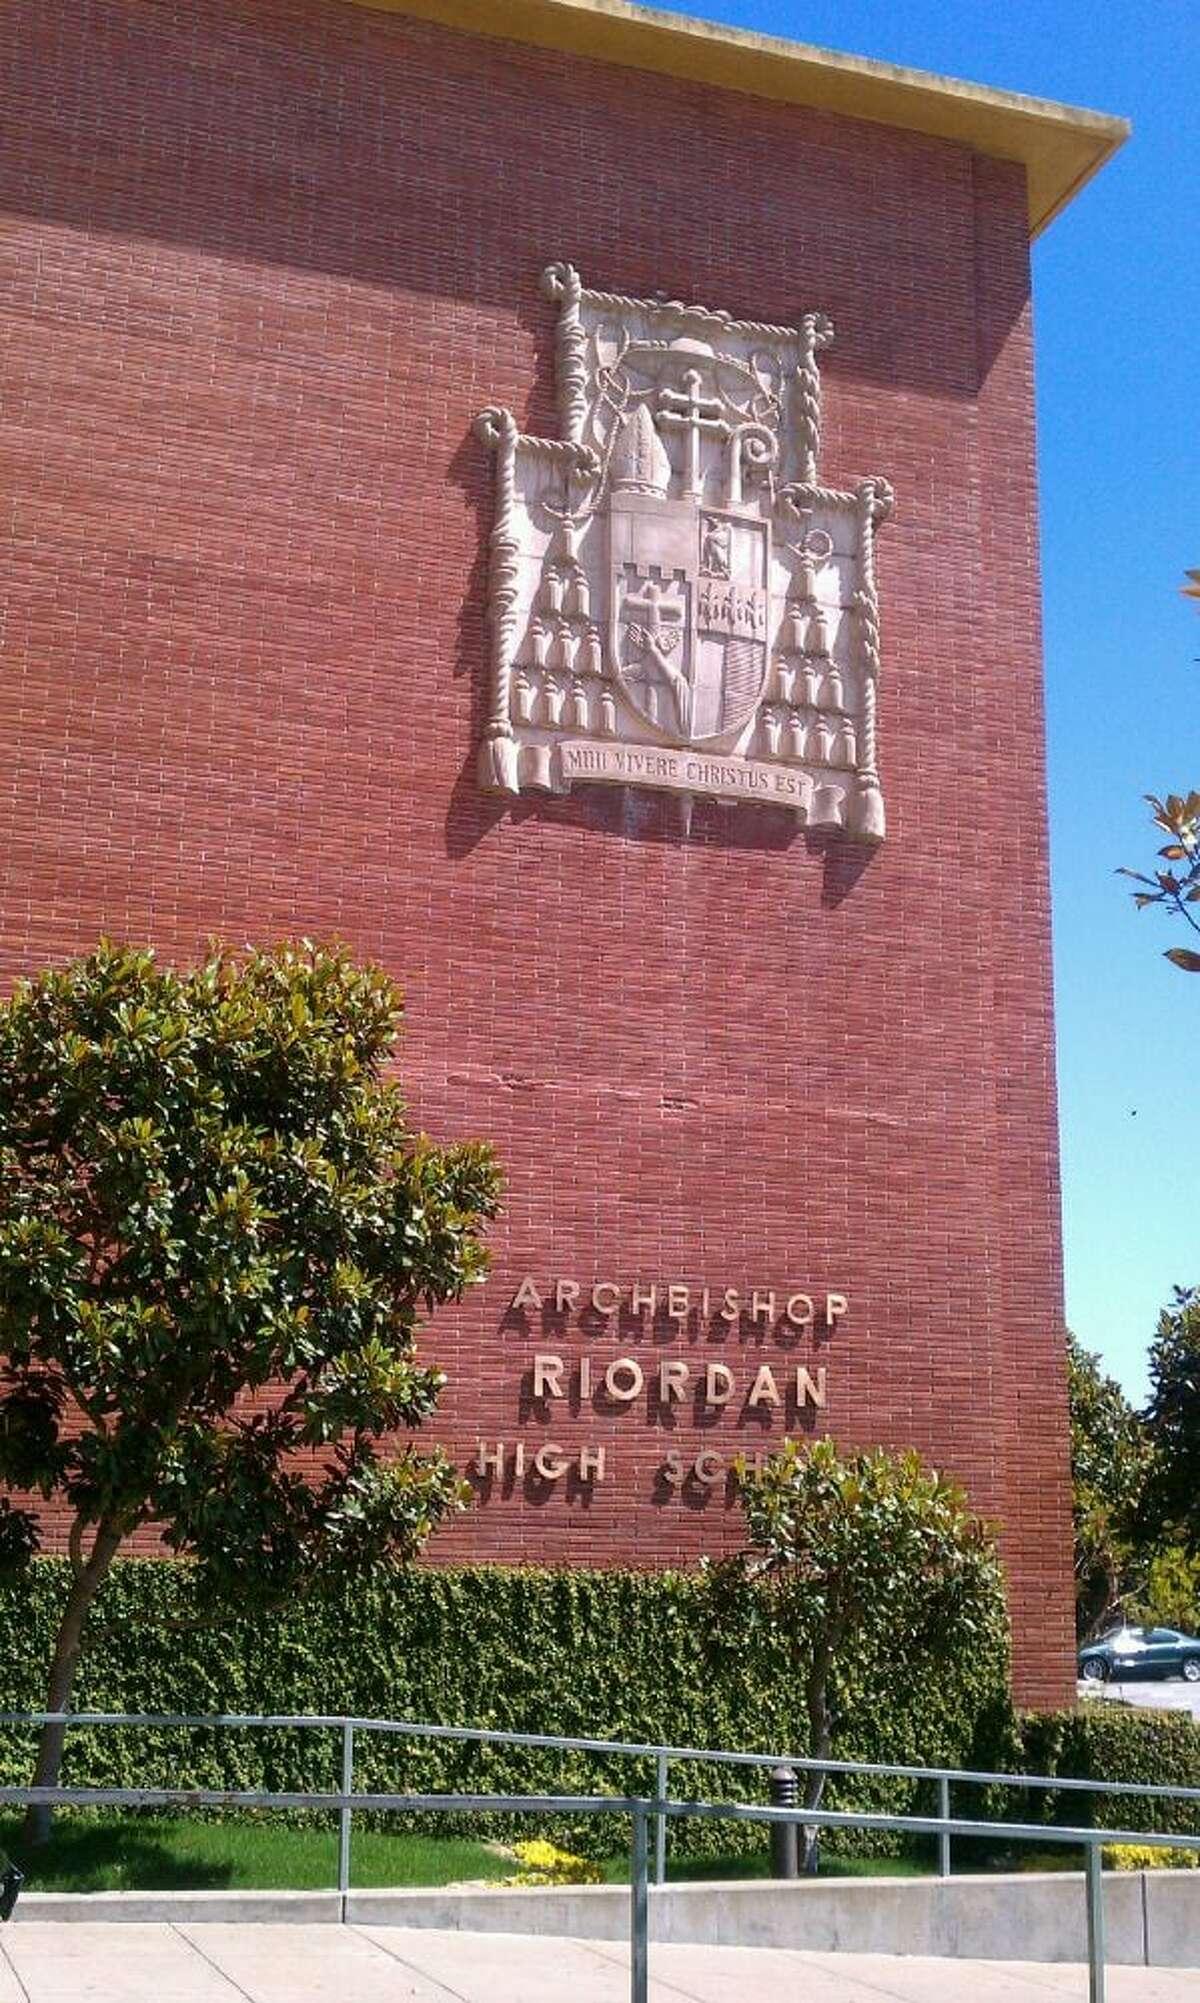 San Francisco's all-boys Catholic school Archbishop Riordan announced on Jan. 29 it would begin admitting girls in fall 2020.